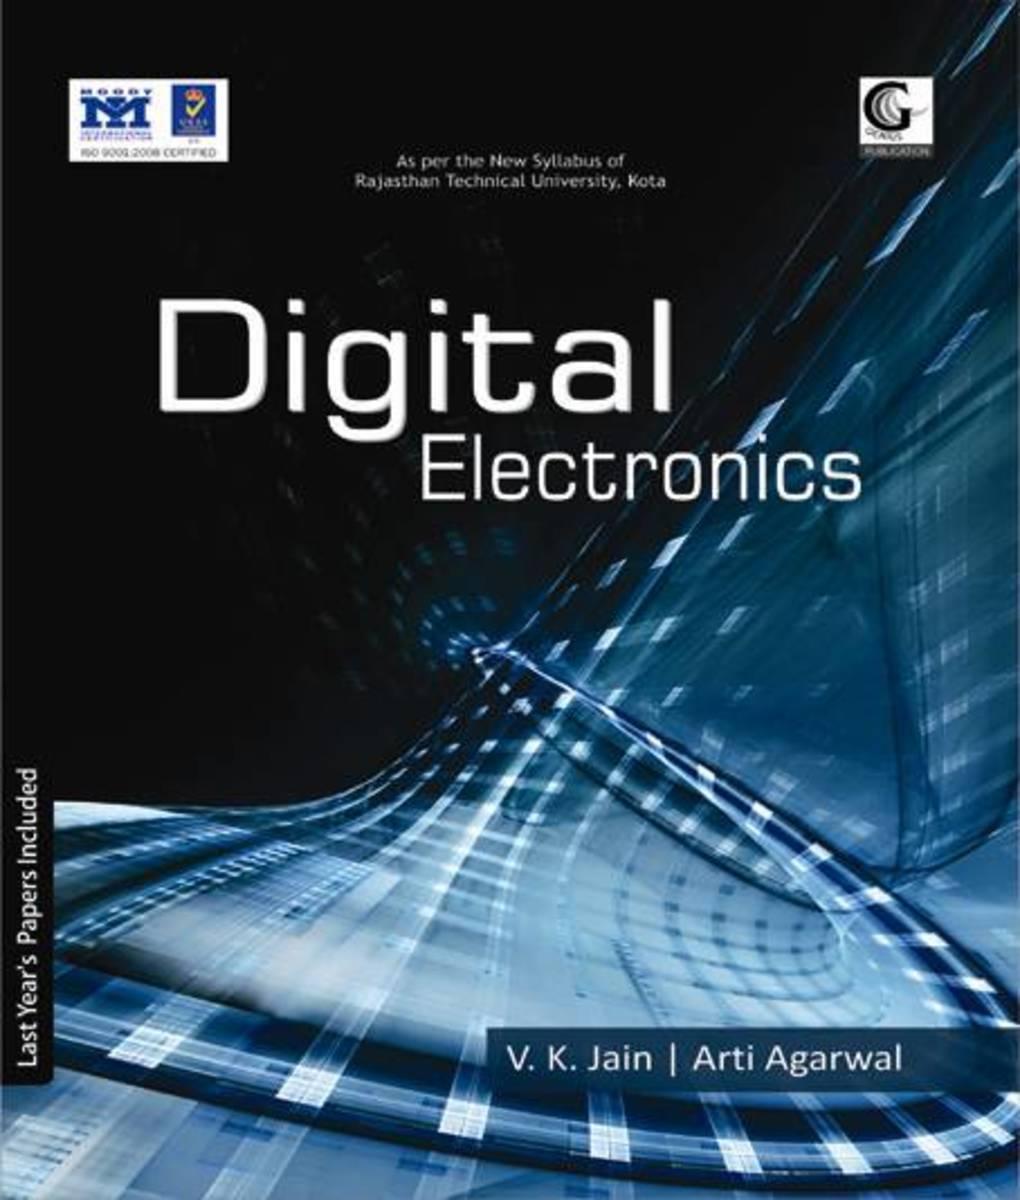 Digital Electronics Books